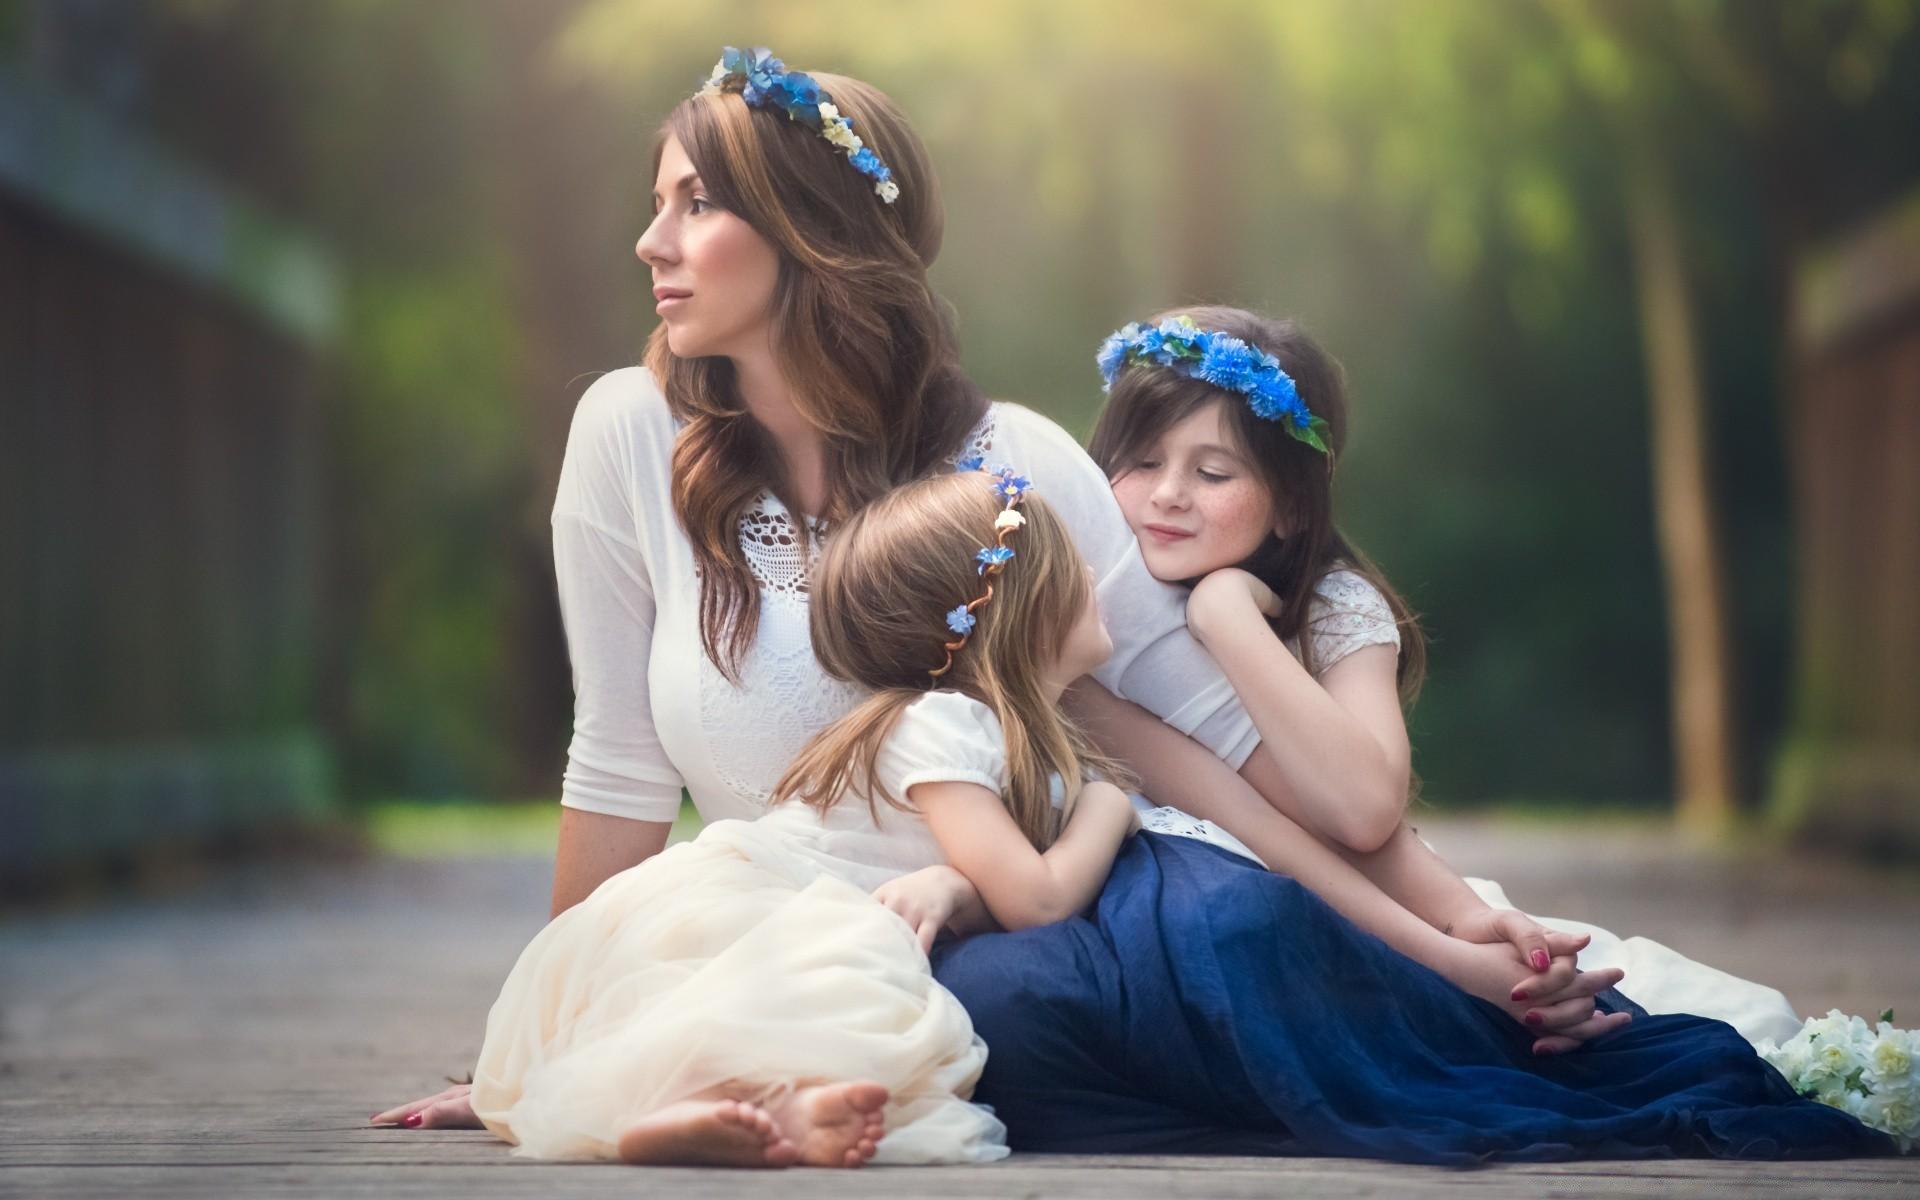 Фото мама с ребенком красивые